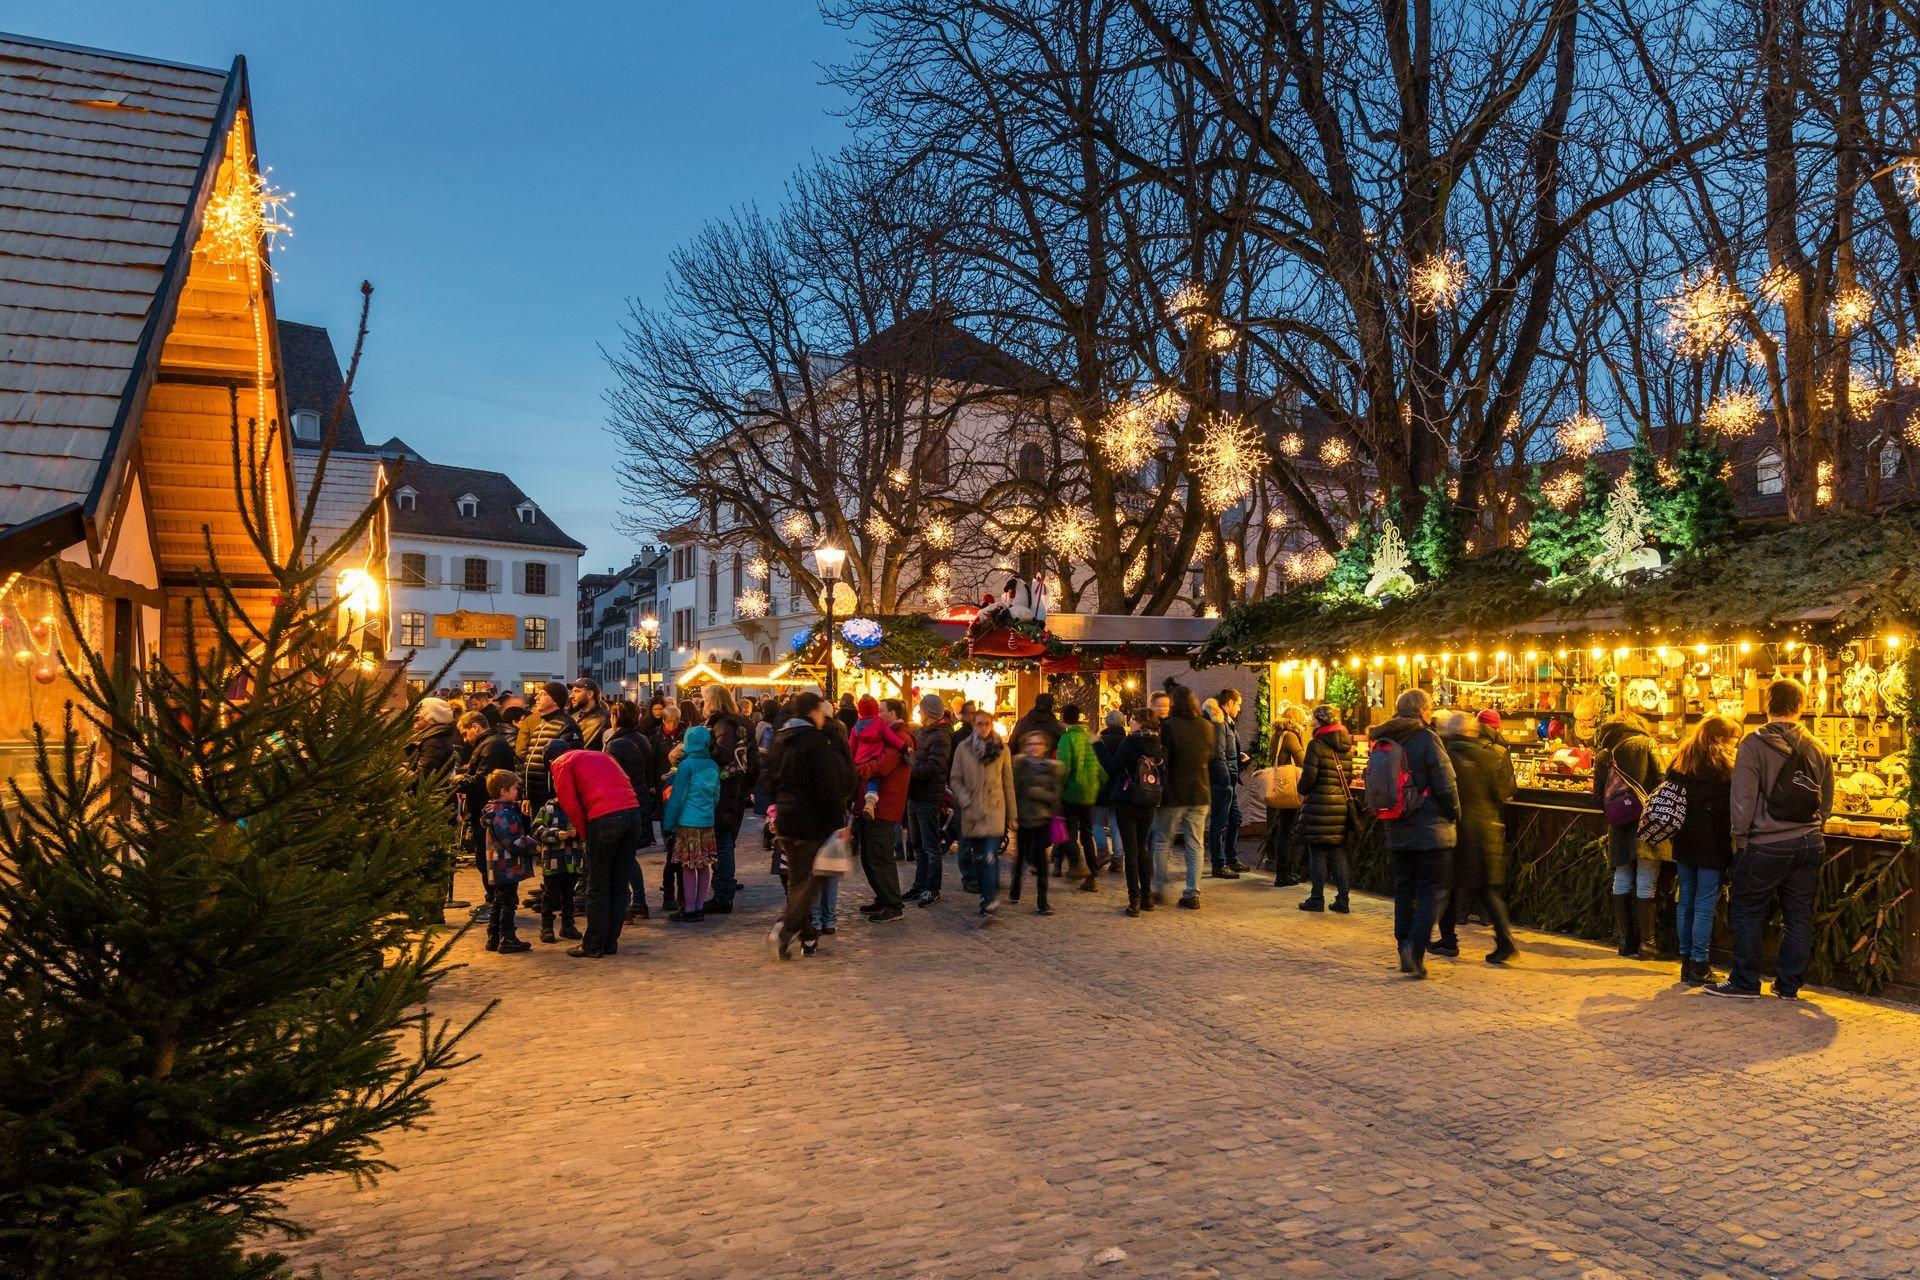 Der Weihnachtsmarkt auf dem Münsterplatz lädt unter den festlich geschmückten Baumkronen zum Einkaufs- und Genusserlebnis im Advent.   ///   Under the festively decorated trees, the Christmas market at Münsterplatz is a great place to shop and eat during Advent.